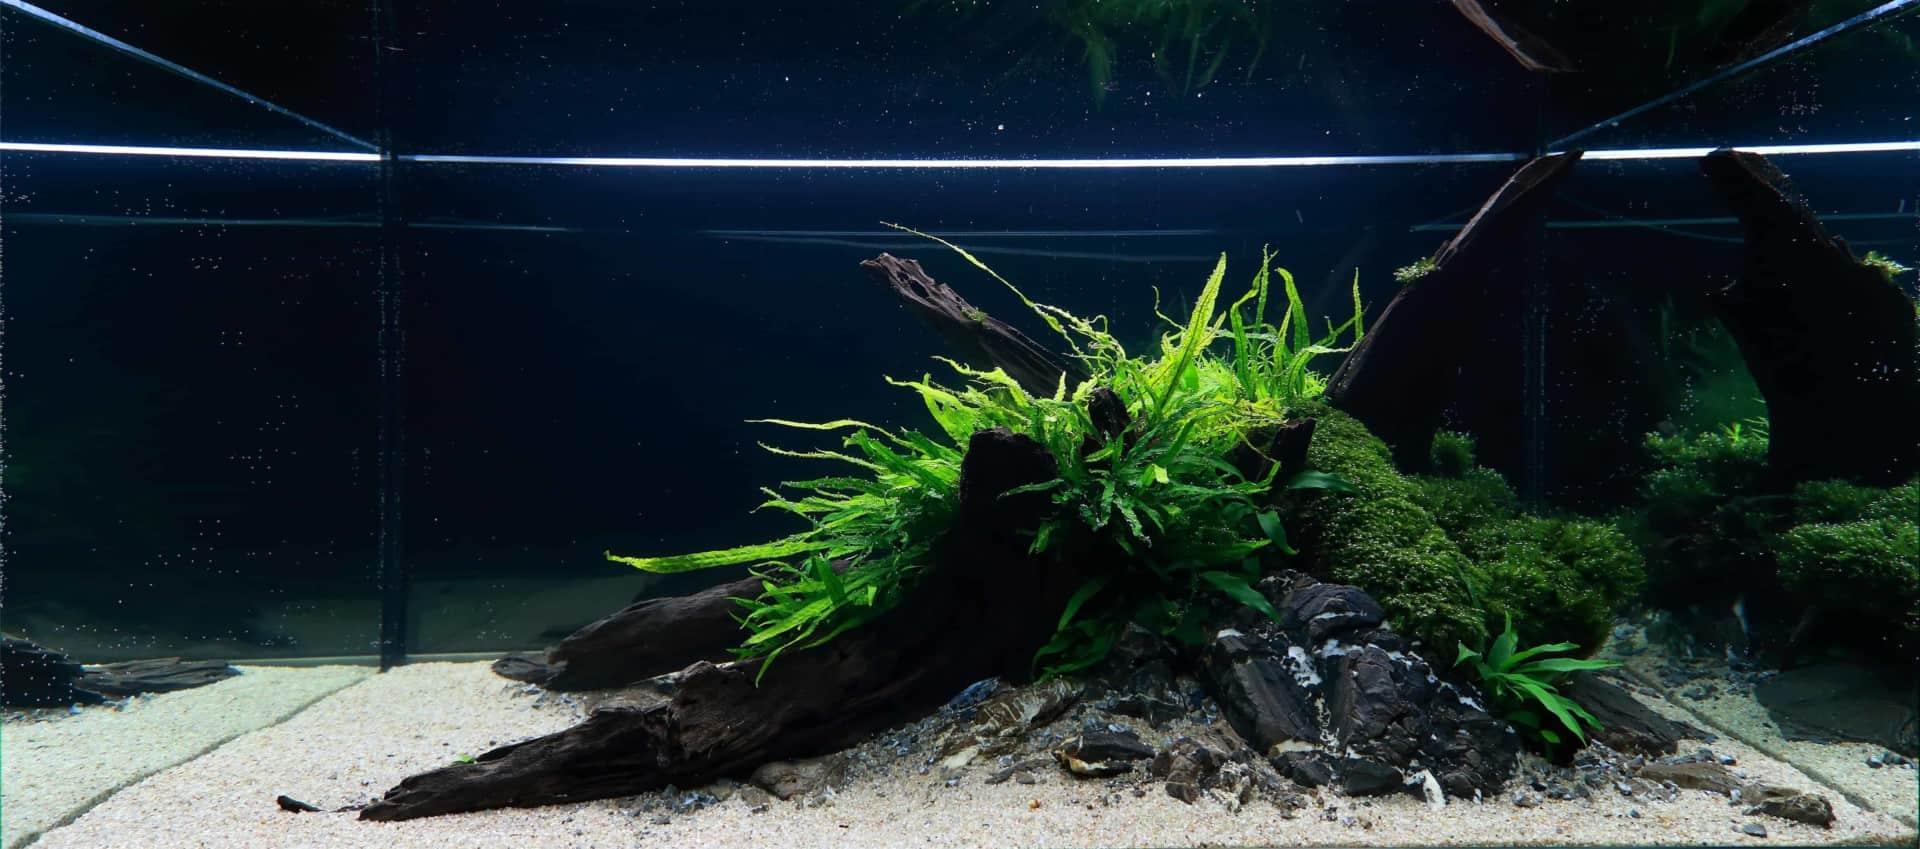 191 - The Art of the Planted Aquarium - Neuheiten und Möglichkeiten zum Mitmachen im April 2019 (Stefanie Hesse) 5